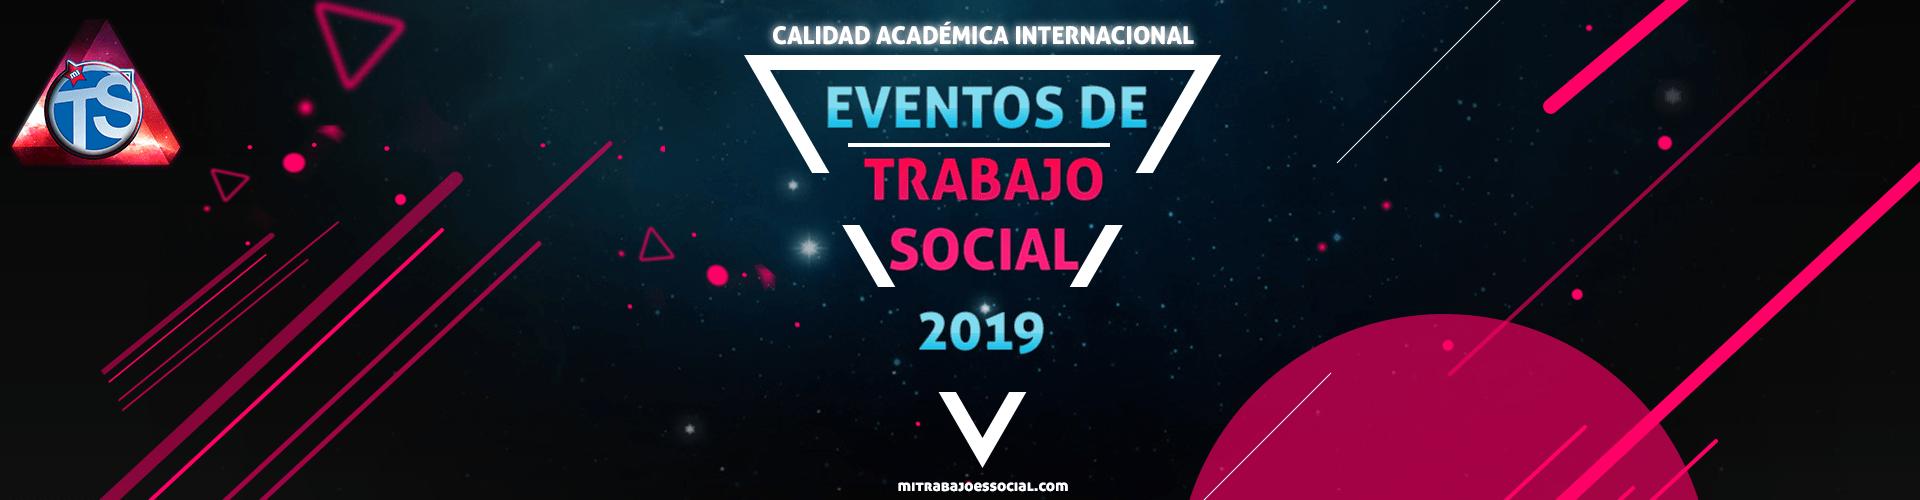 EVENTOS DE TRABAJO SOCIAL, TRABAJO SOCIAL UNAM, , ESCUELA NACIONAL DE TRABAJO SOCIAL, ENTS, ,CONGRESOS TRABAJO SOCIAL, PERITAJE SOCIAL,